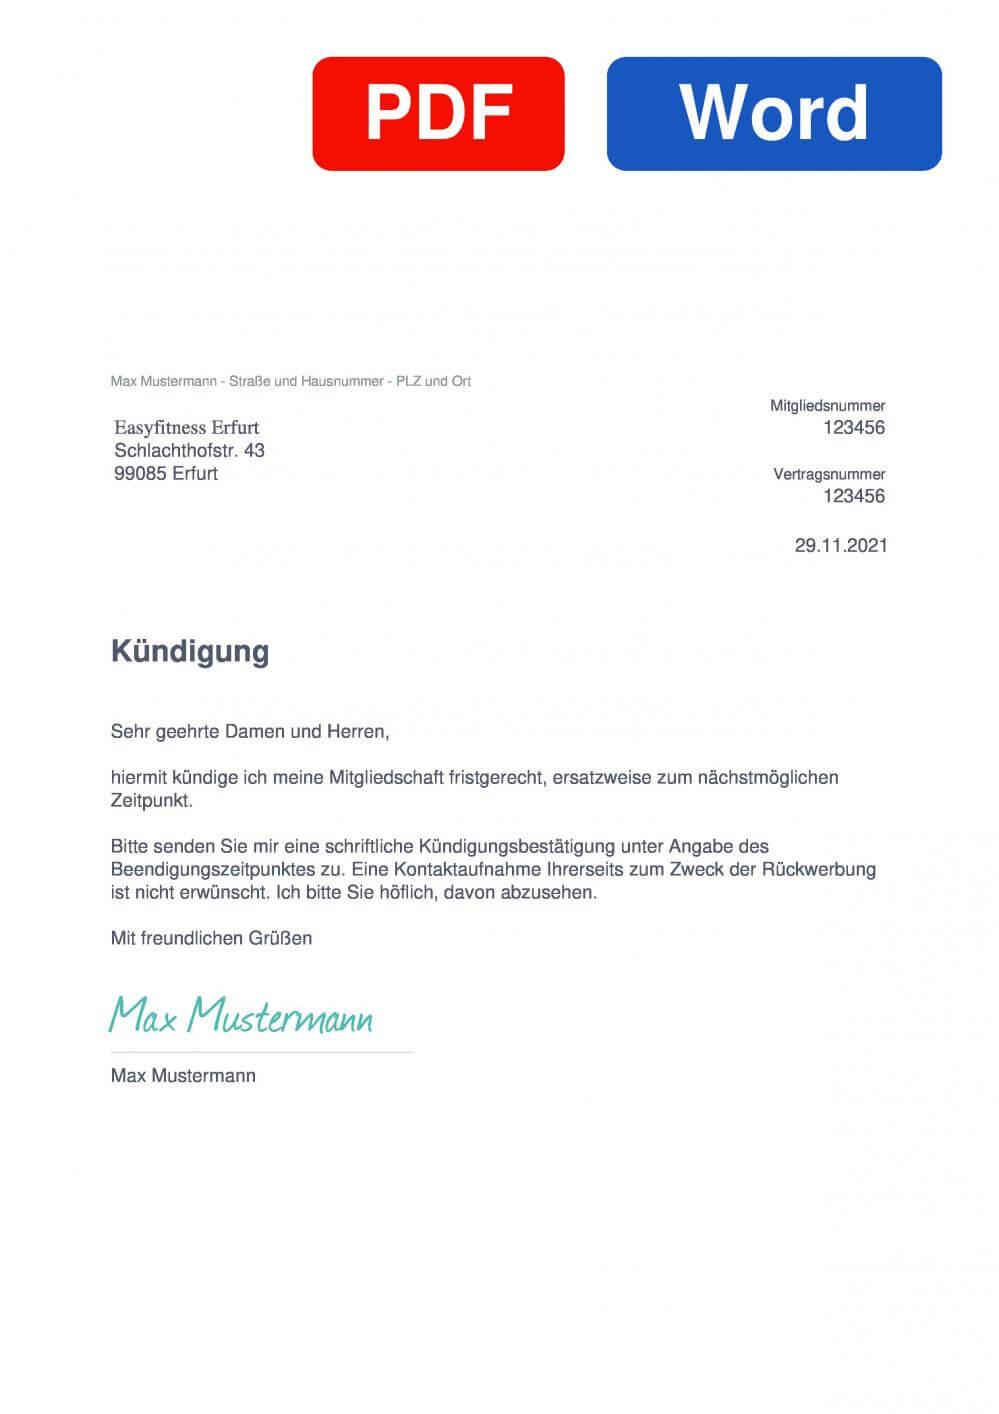 EASYFITNESS Erfurt Muster Vorlage für Kündigungsschreiben